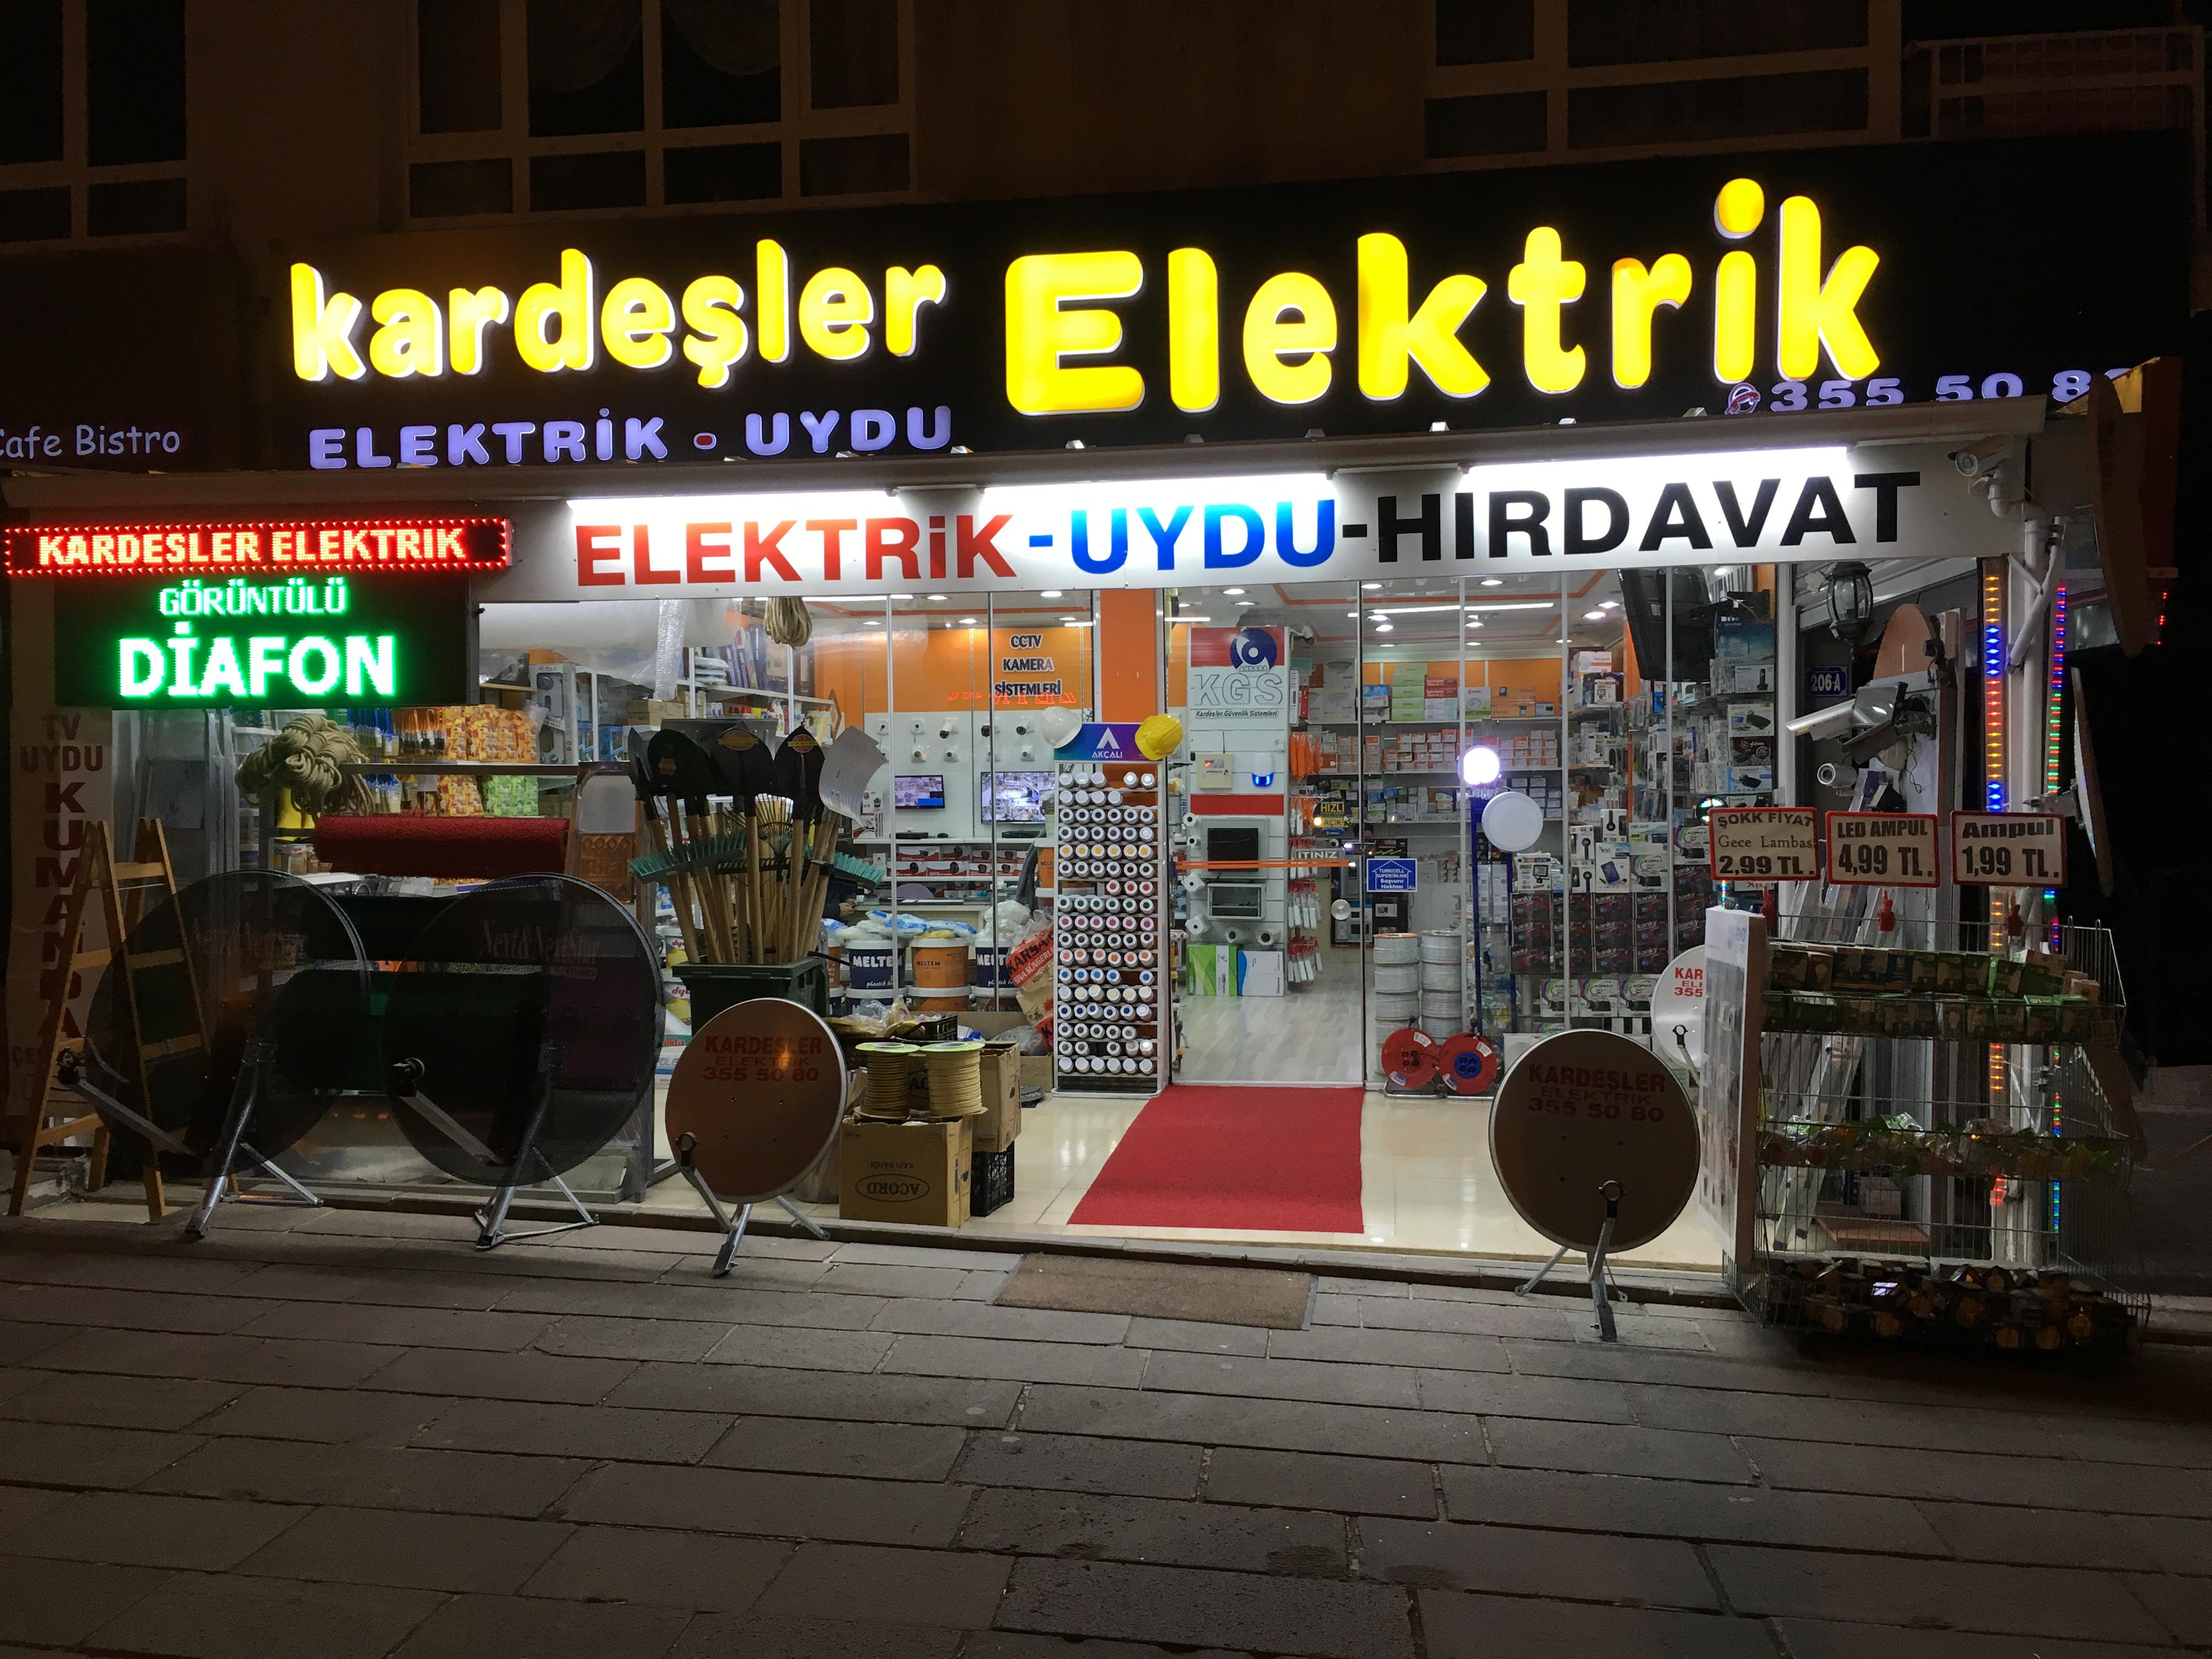 KARDEŞLER ELEKTRİK